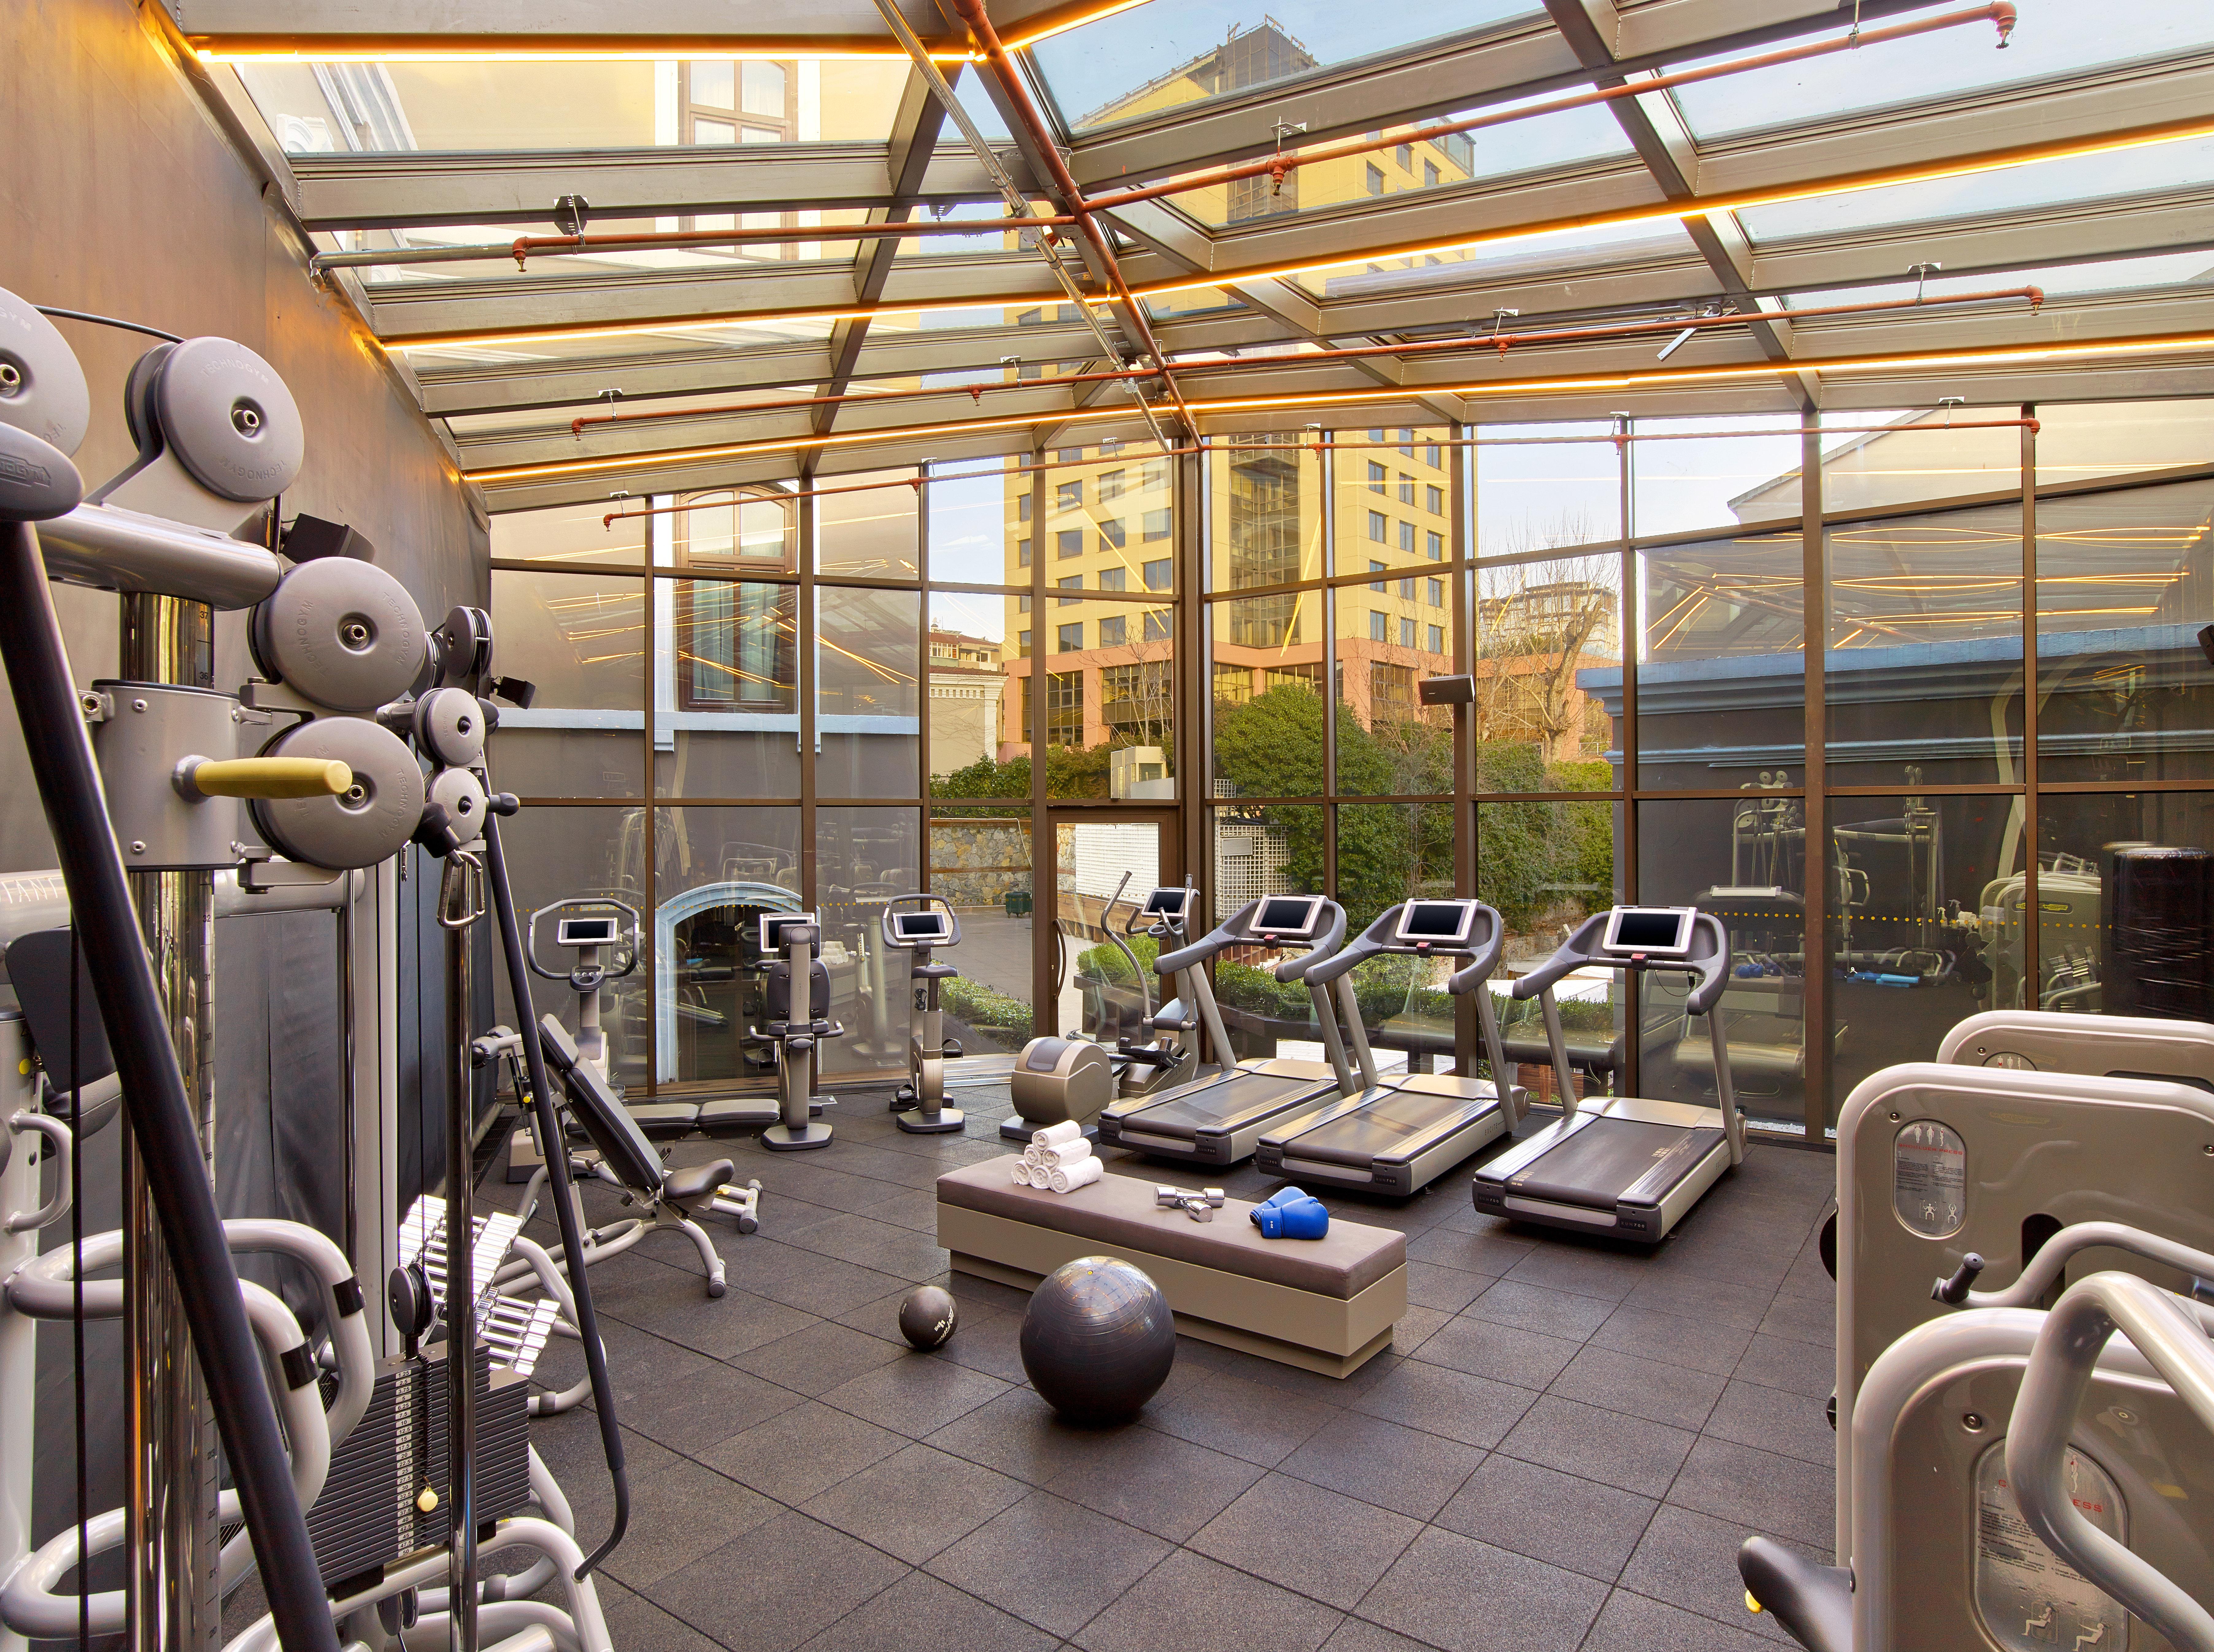 building structure sport venue gym